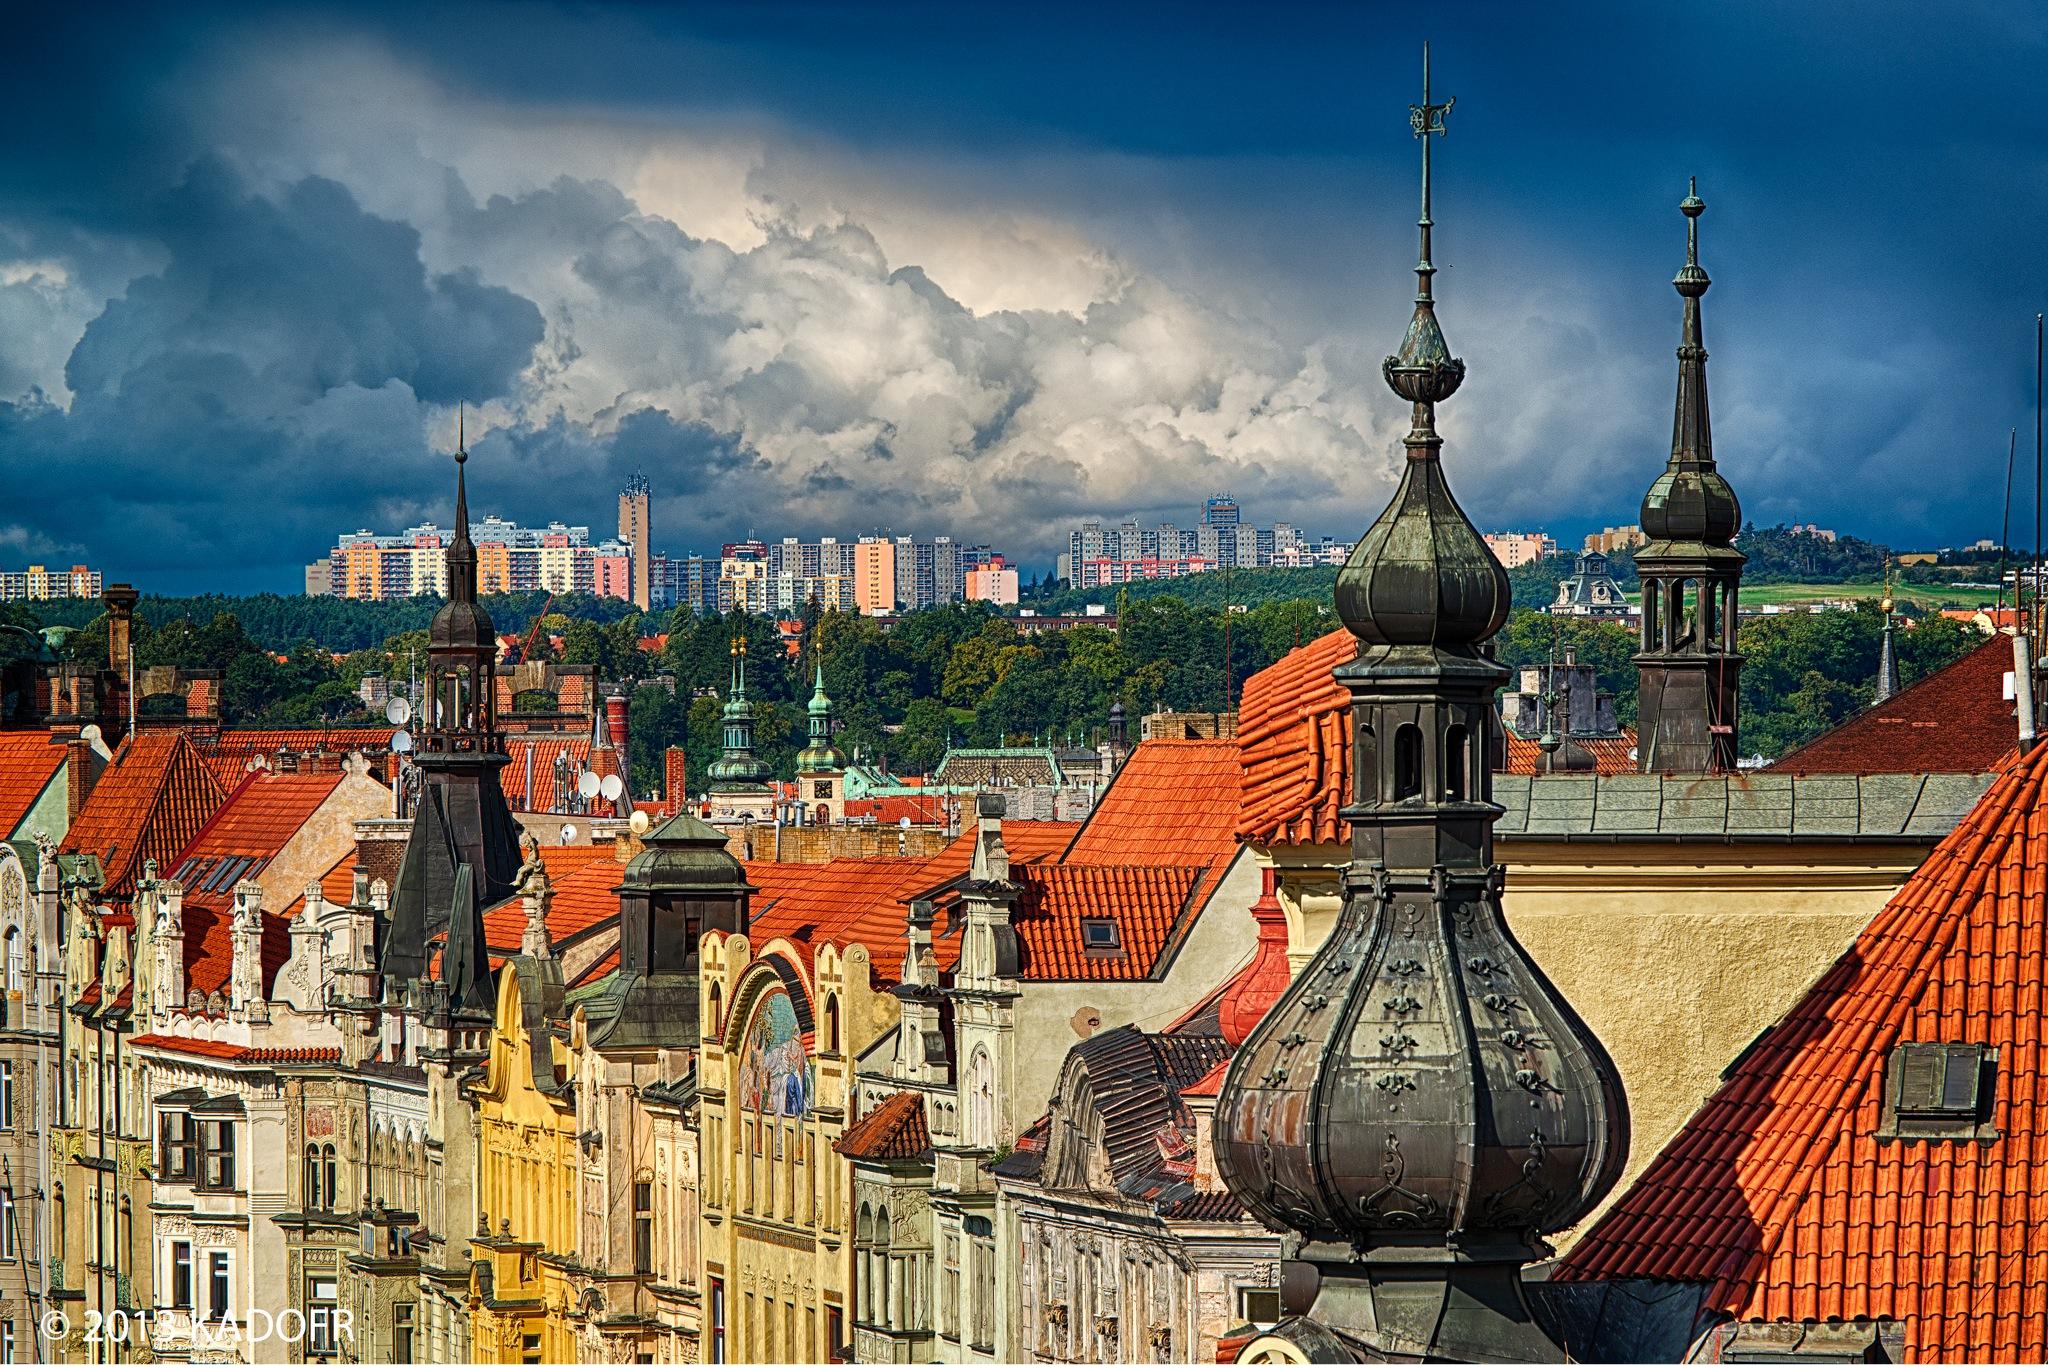 Střechy pražské - Foto: Karel Dobeš